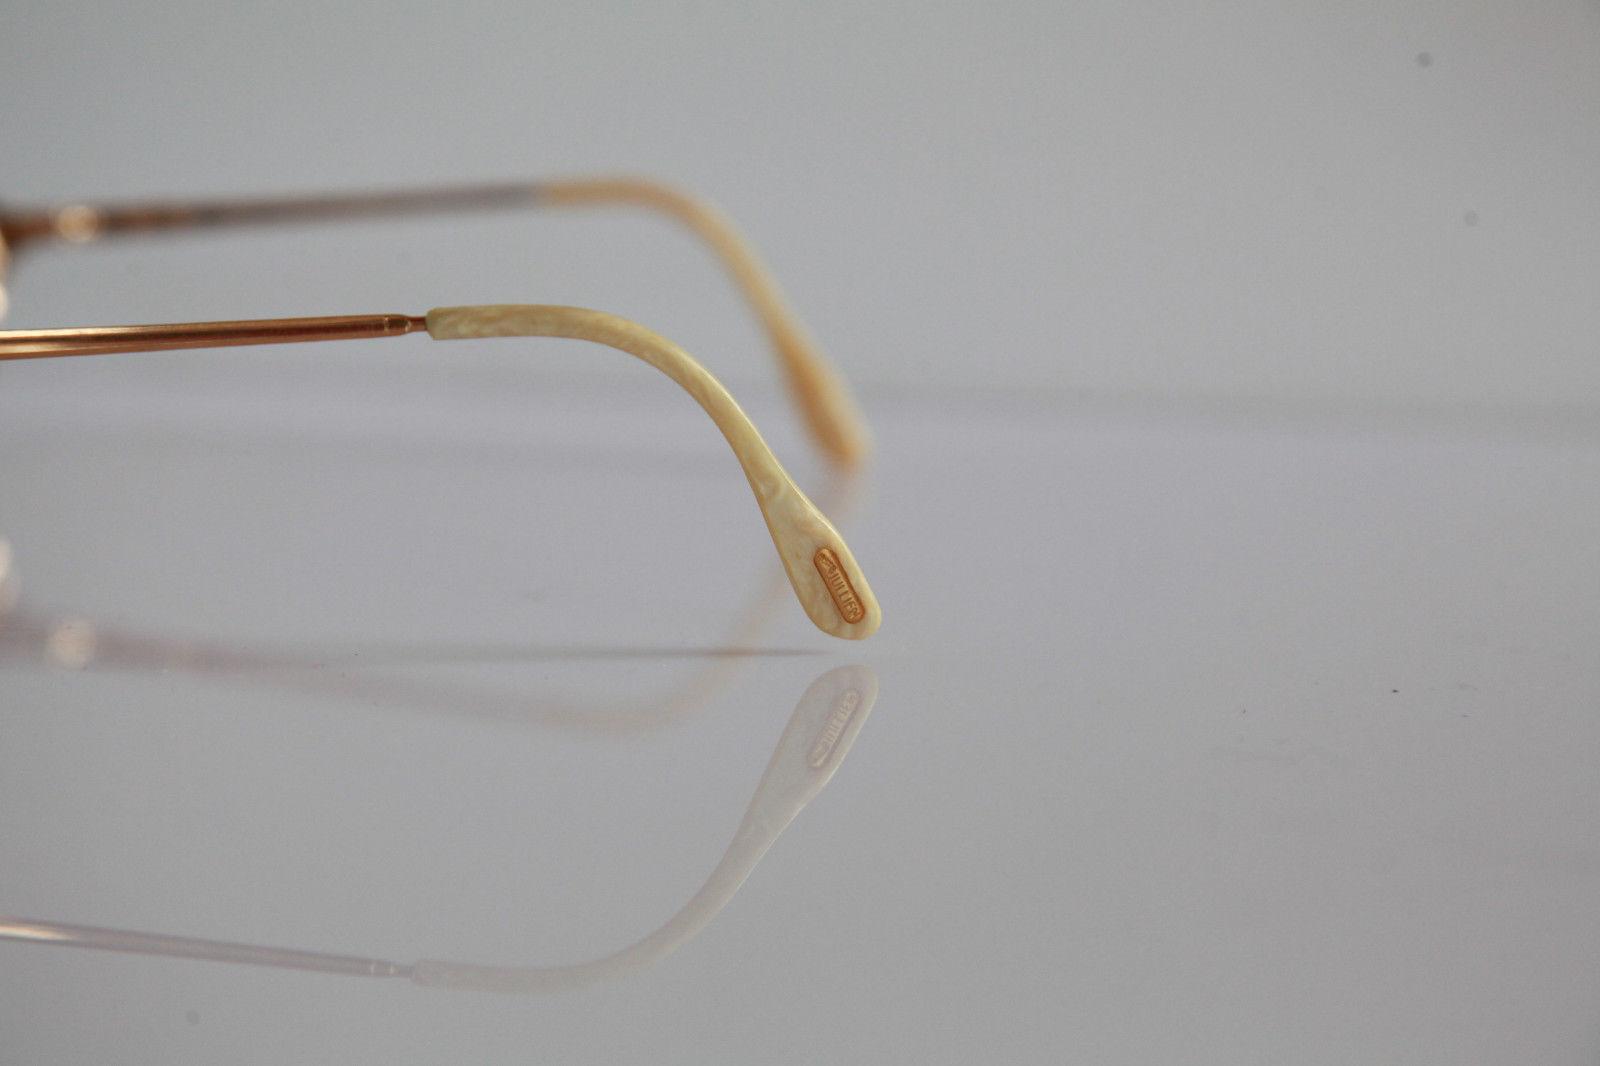 HENRY JULLIEN, OR LAMINE 20/000, MERIDA, Gold Frame, RX-Able Lenses. France